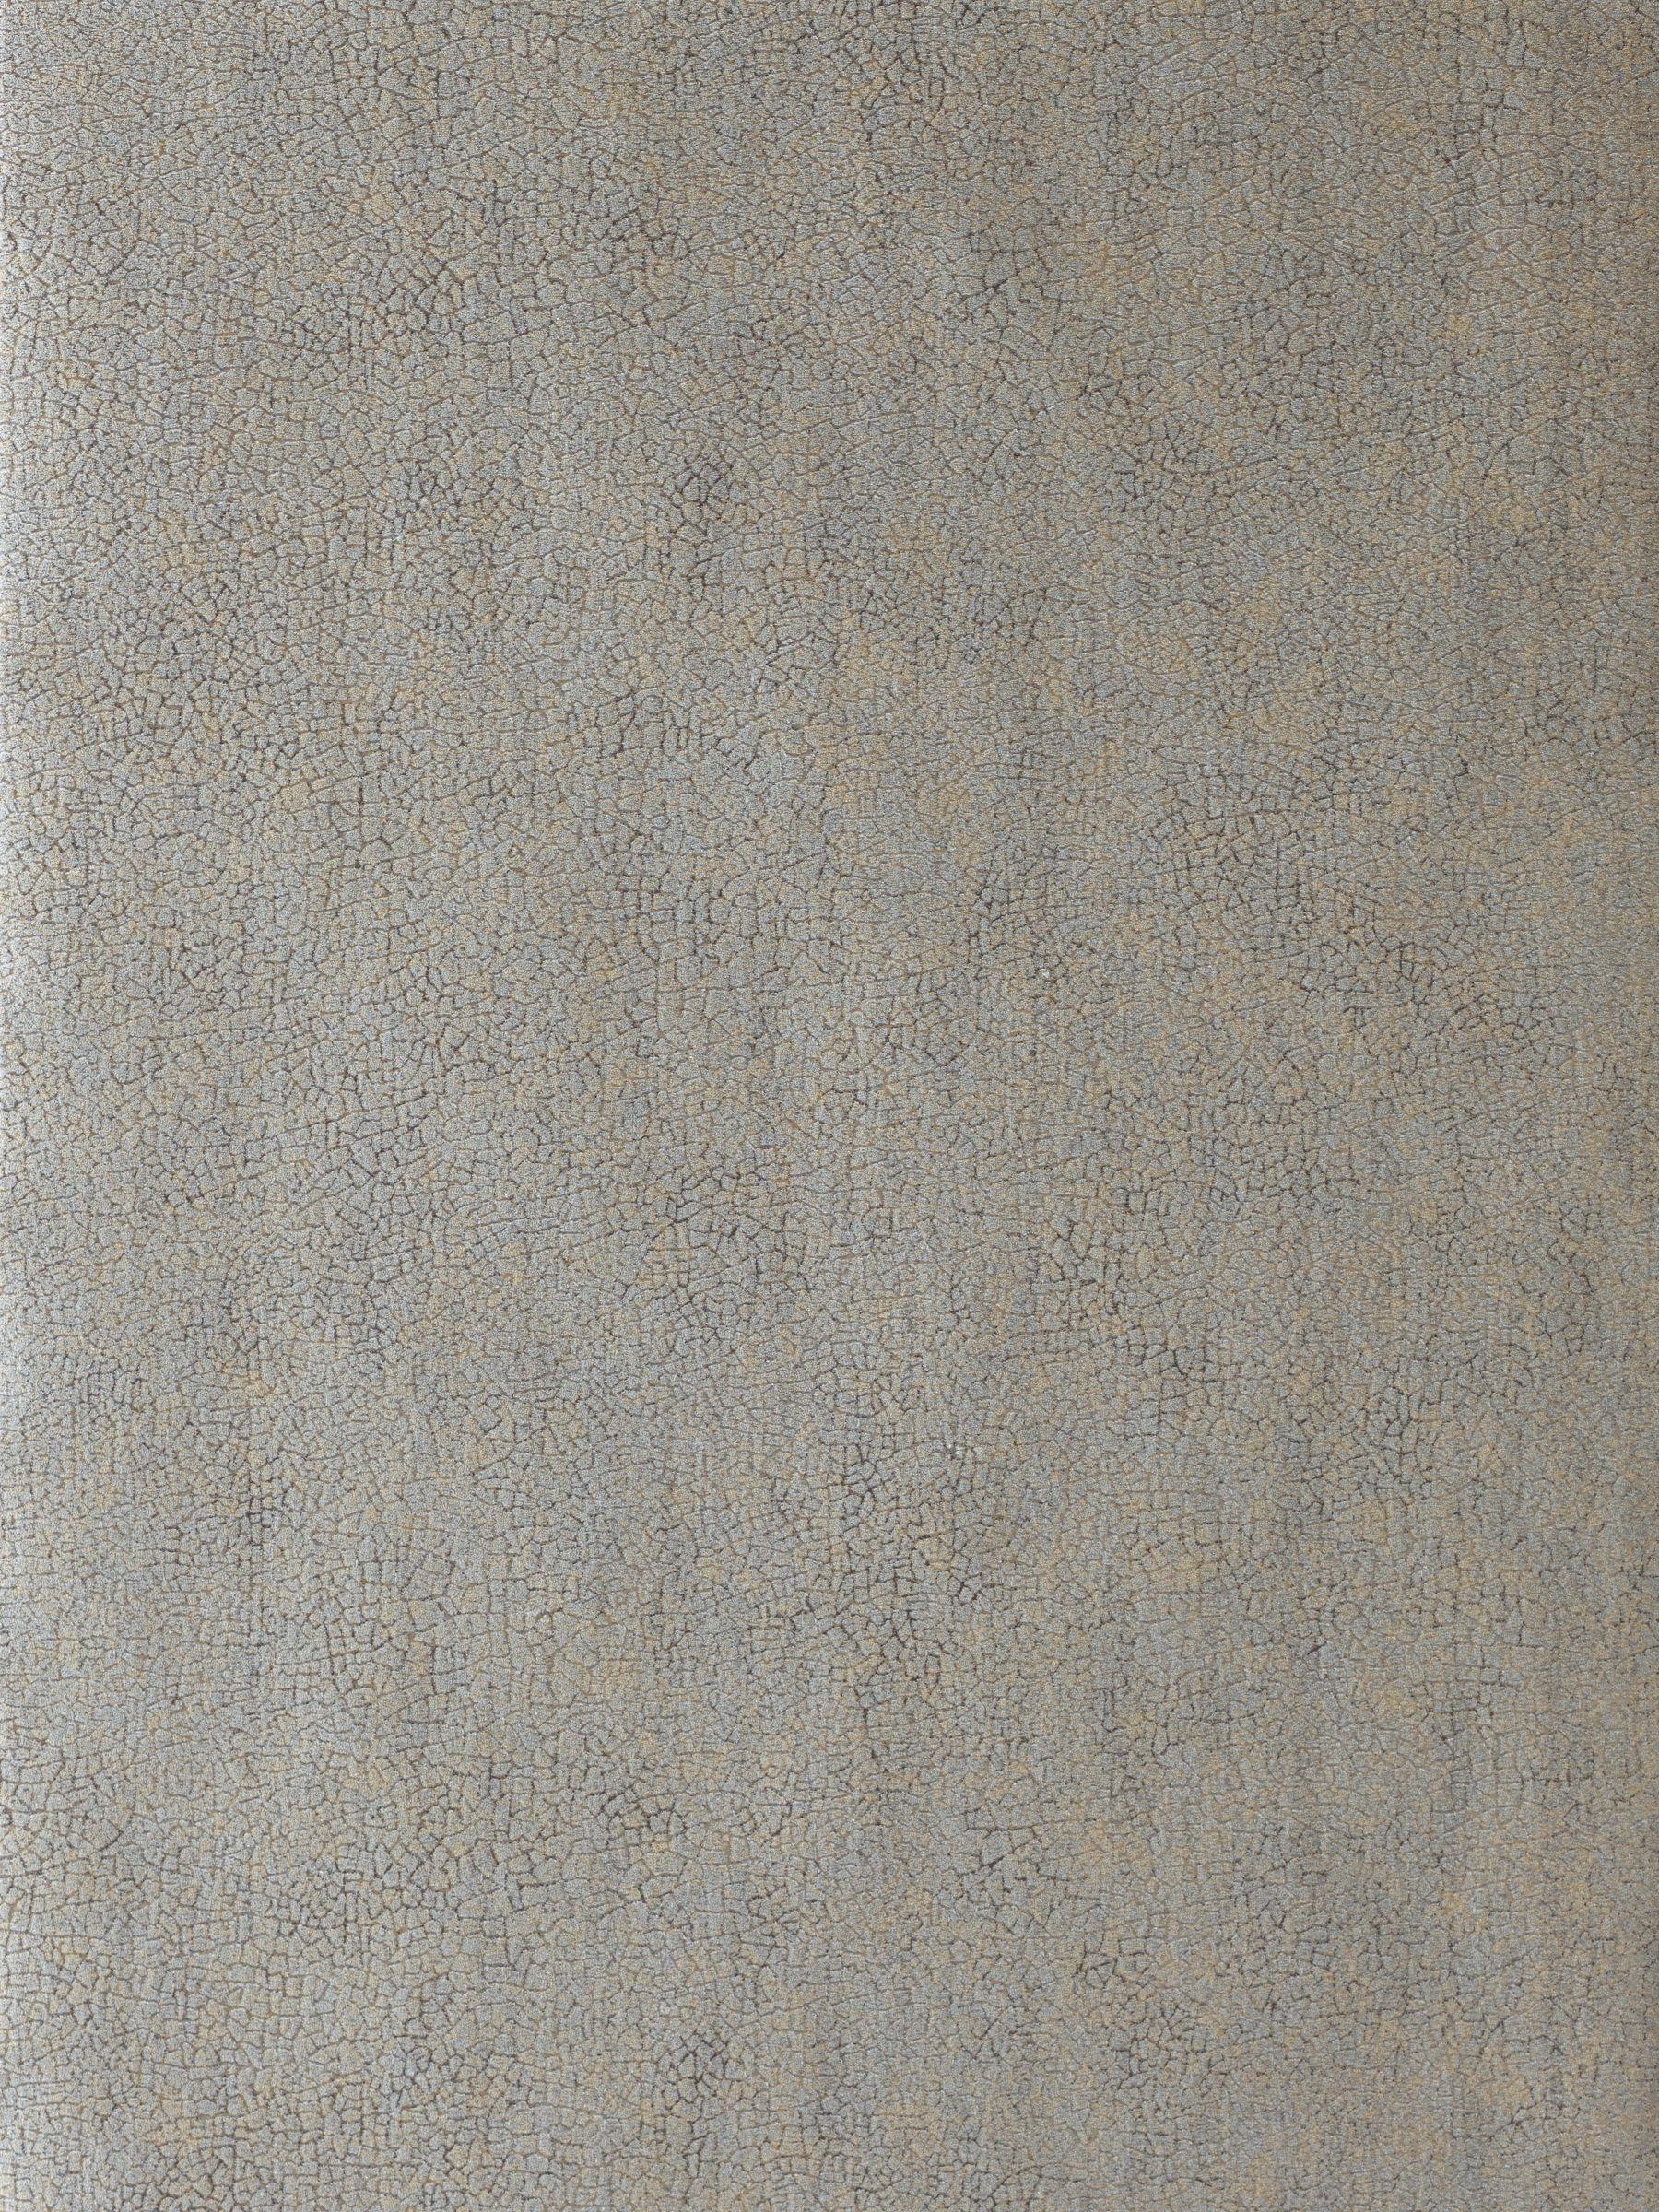 Anthology Anthology Igneous Wallpaper